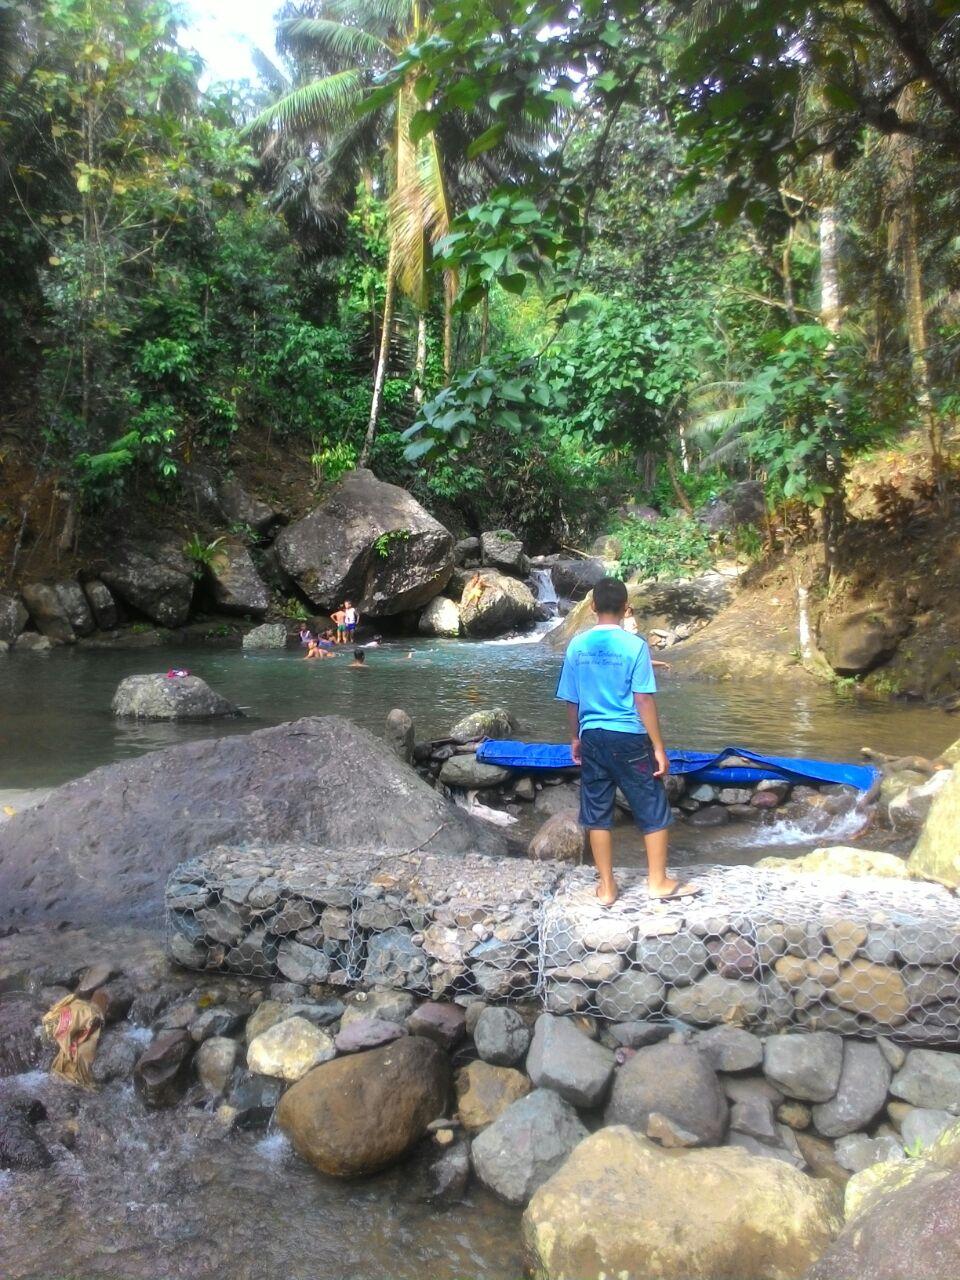 Sungai Kedung Lesung via Kedunglesungketro